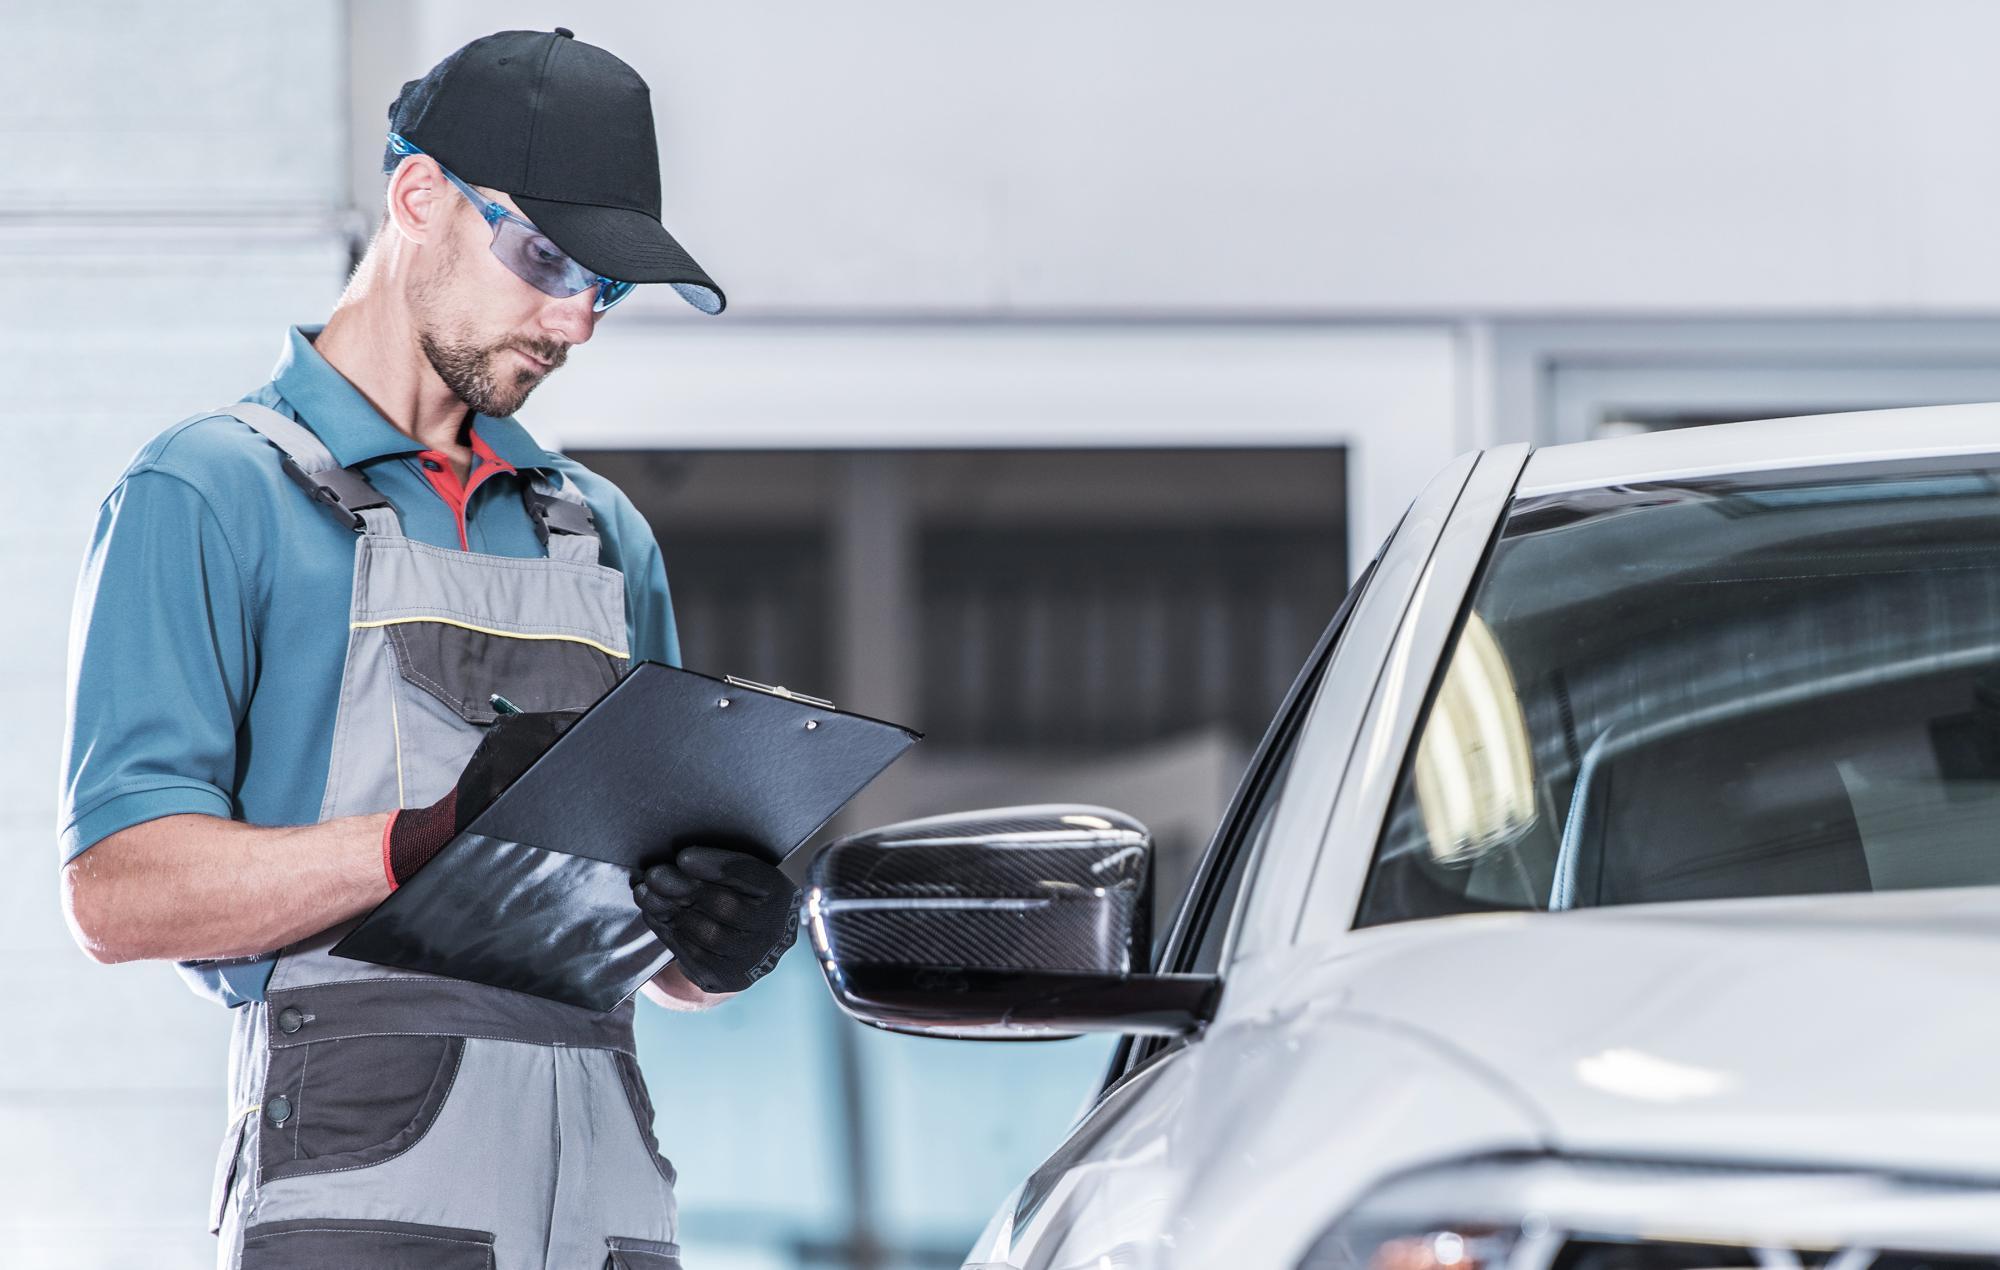 Приобретение дополнительной гарантии на ремонт и техническое обслуживание: особенности бухгалтерского учета и налогообложения